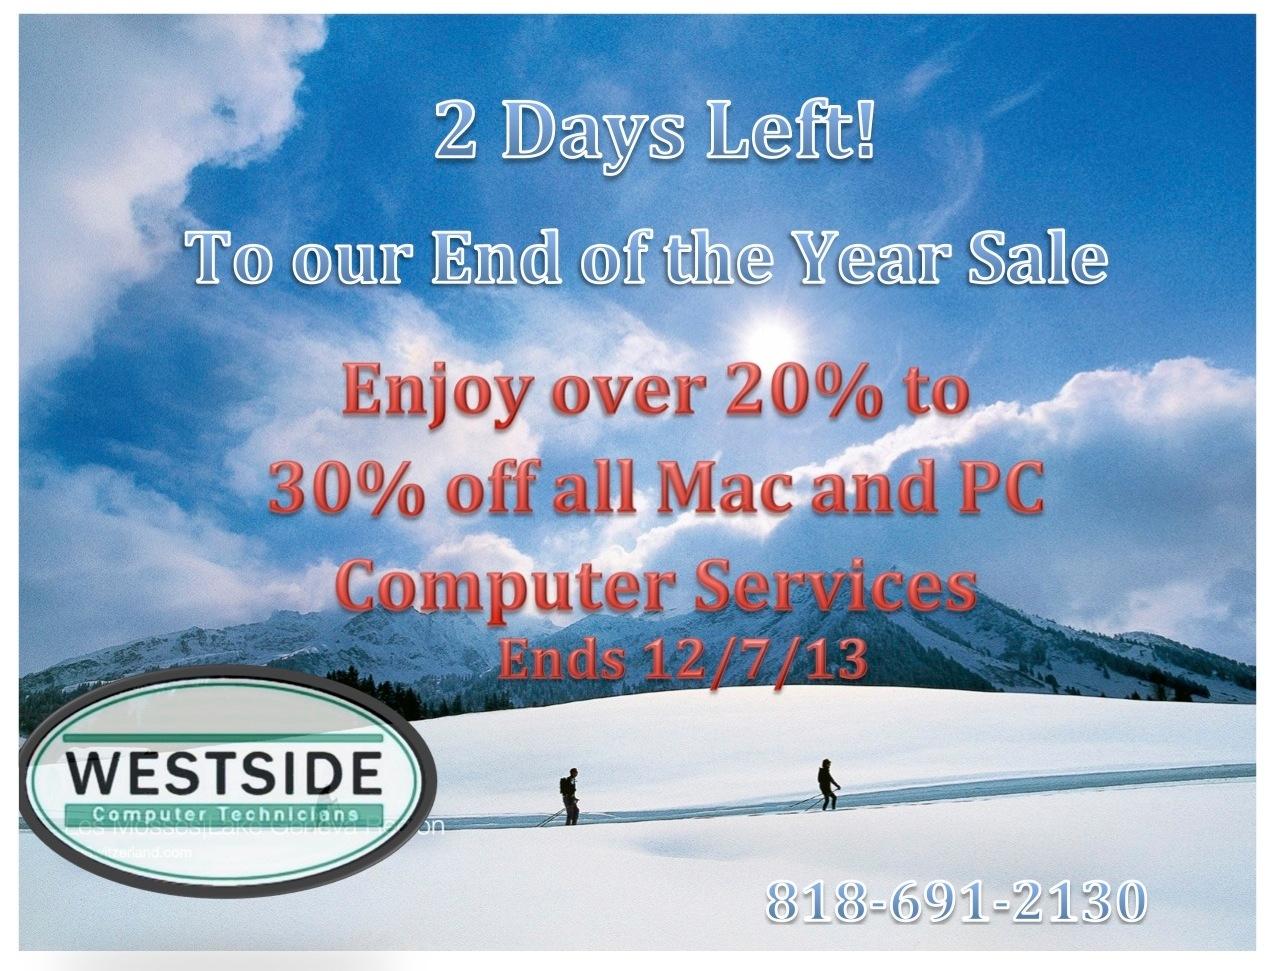 Westside Computer Technicians